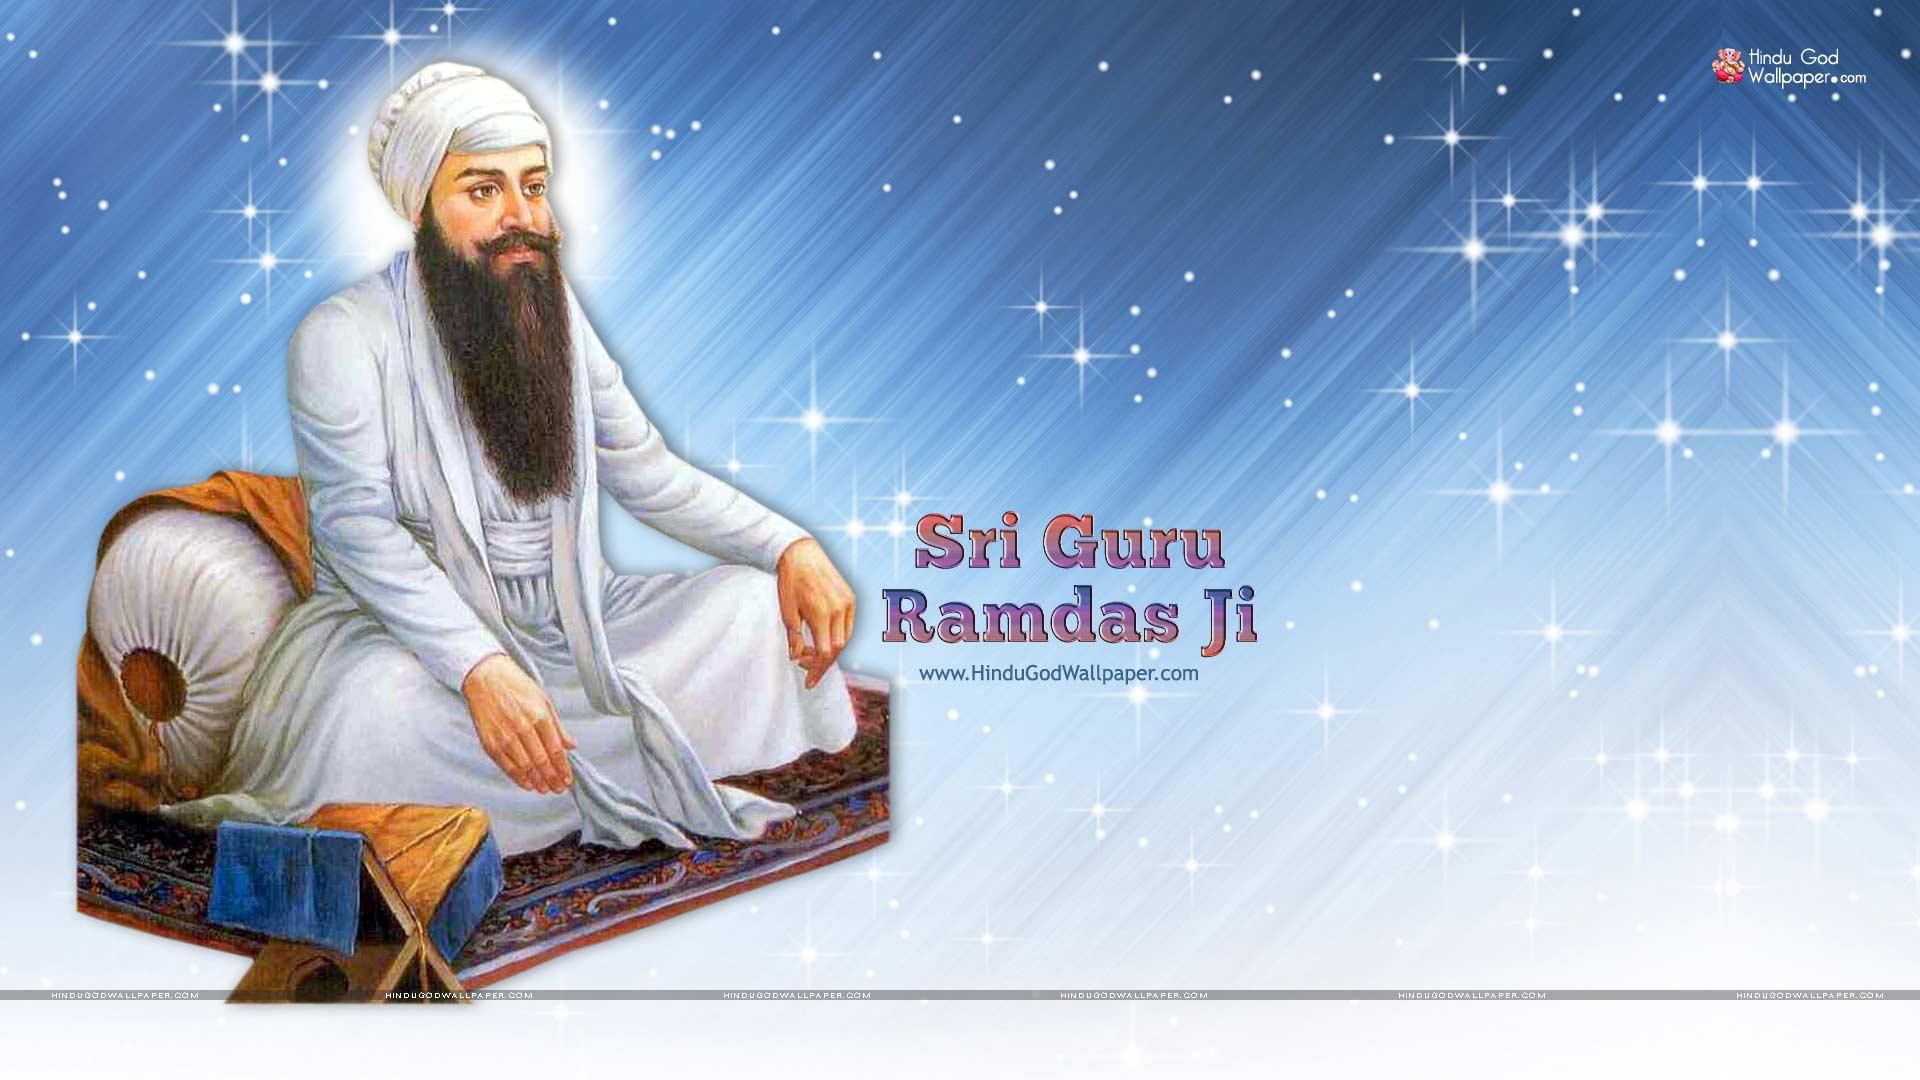 guru ramdas ji hd wallpaper